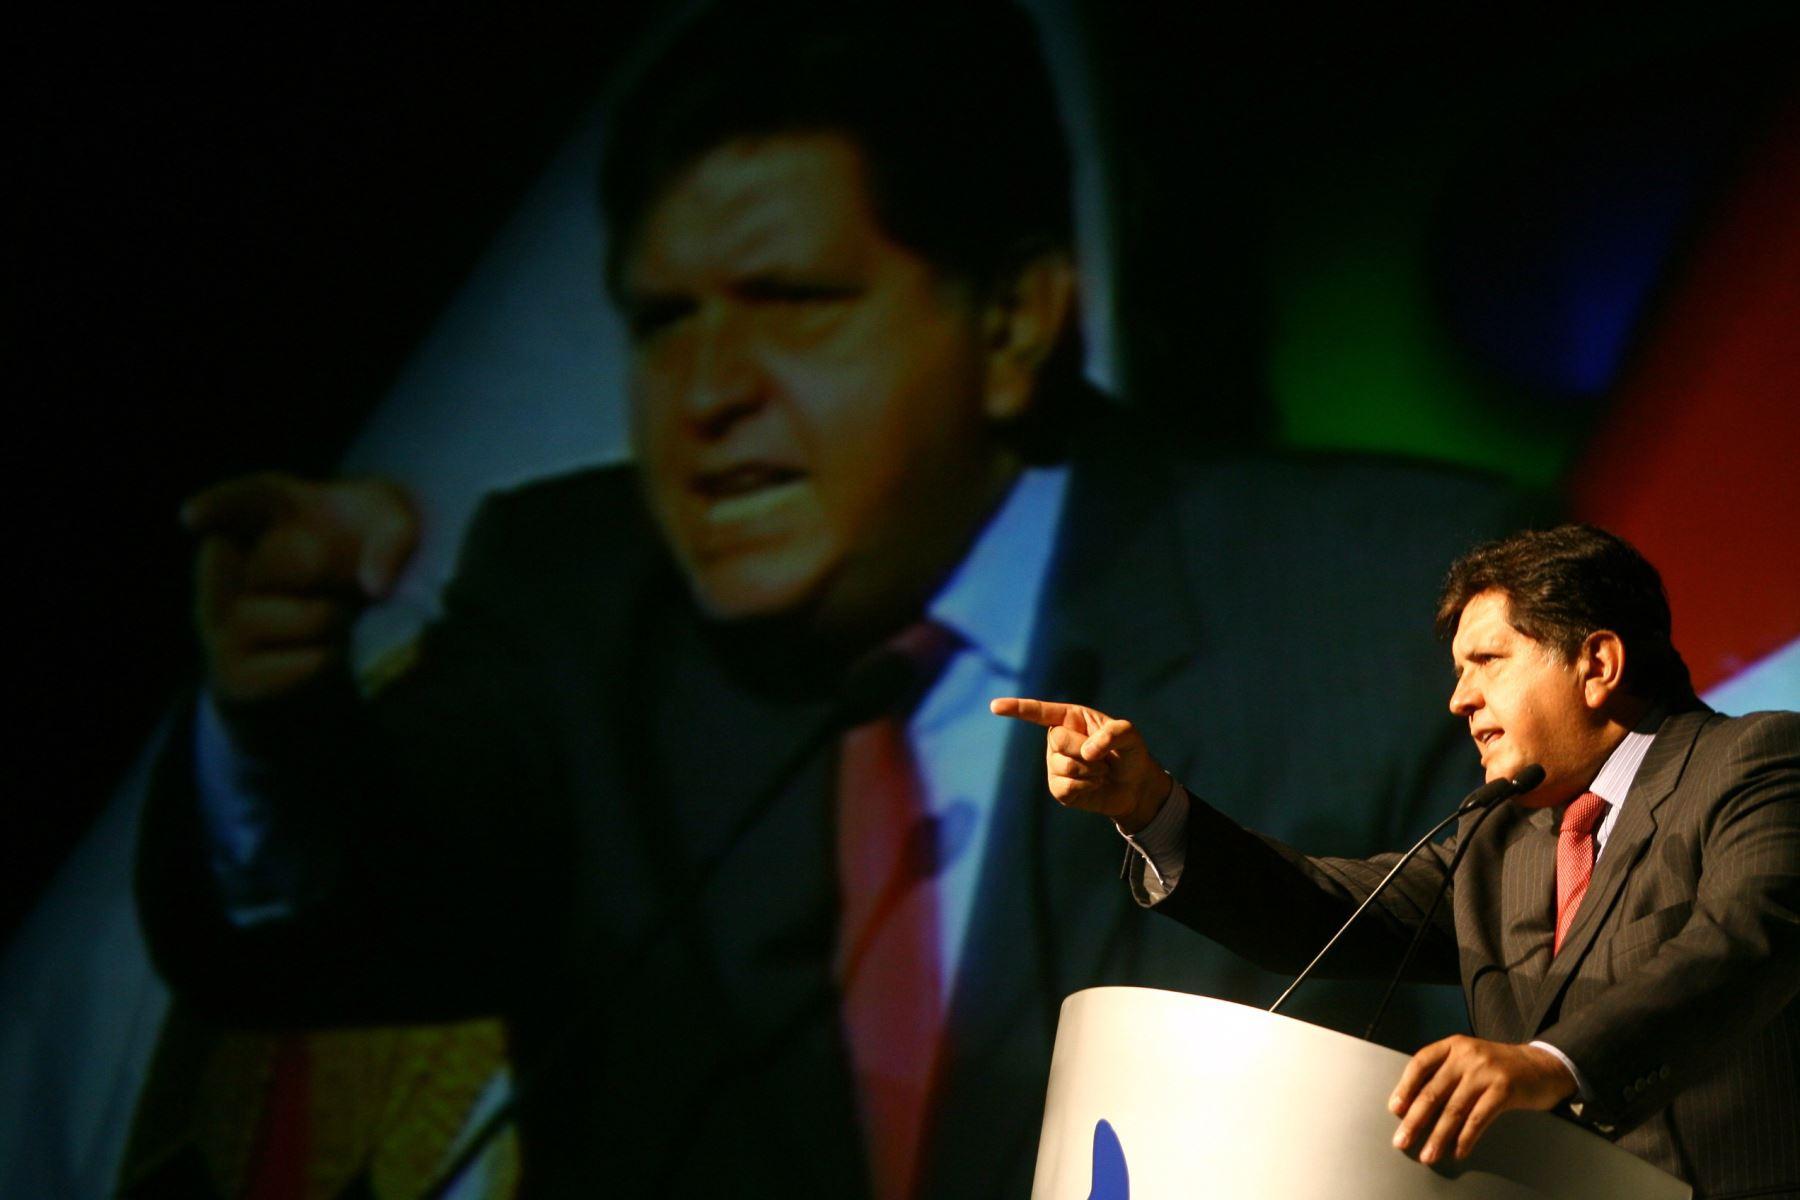 El expresidente Alan García falleció producto de una hemorragia cerebral masiva. Foto: ANDINA/Eduard Lozano